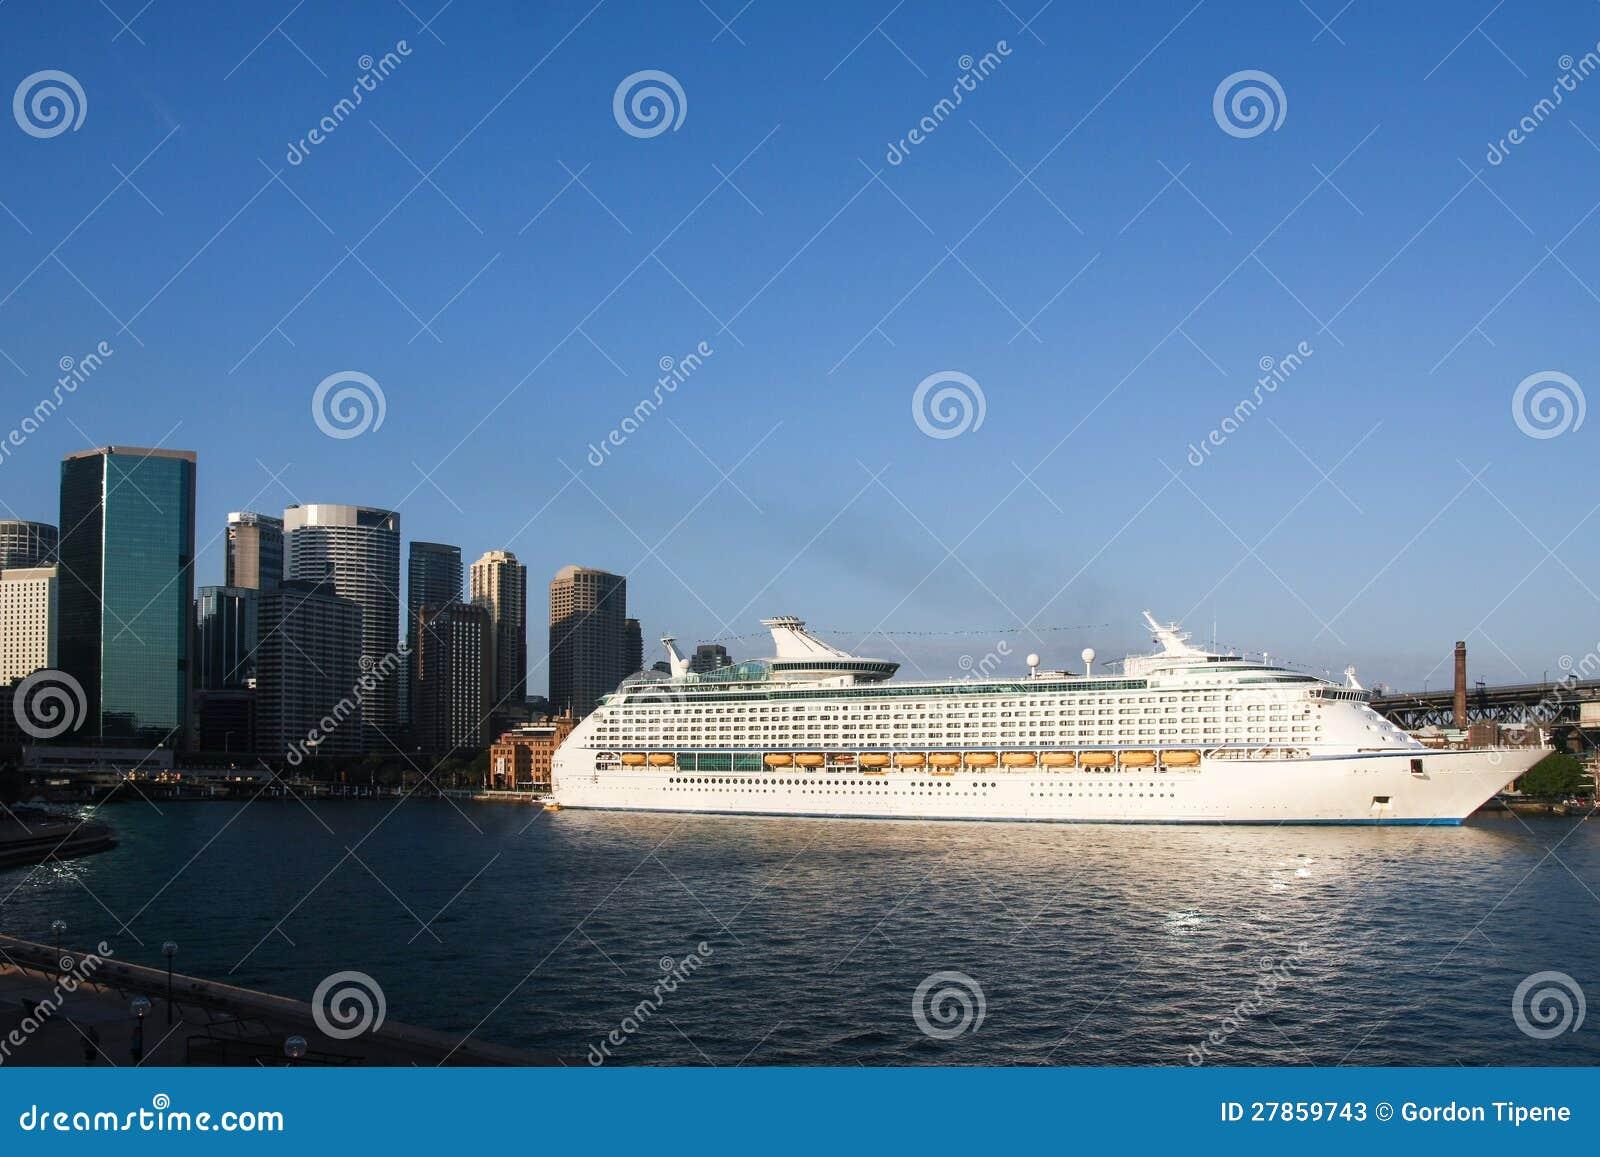 W Sydney gigantyczny statek wycieczkowy, Australia.